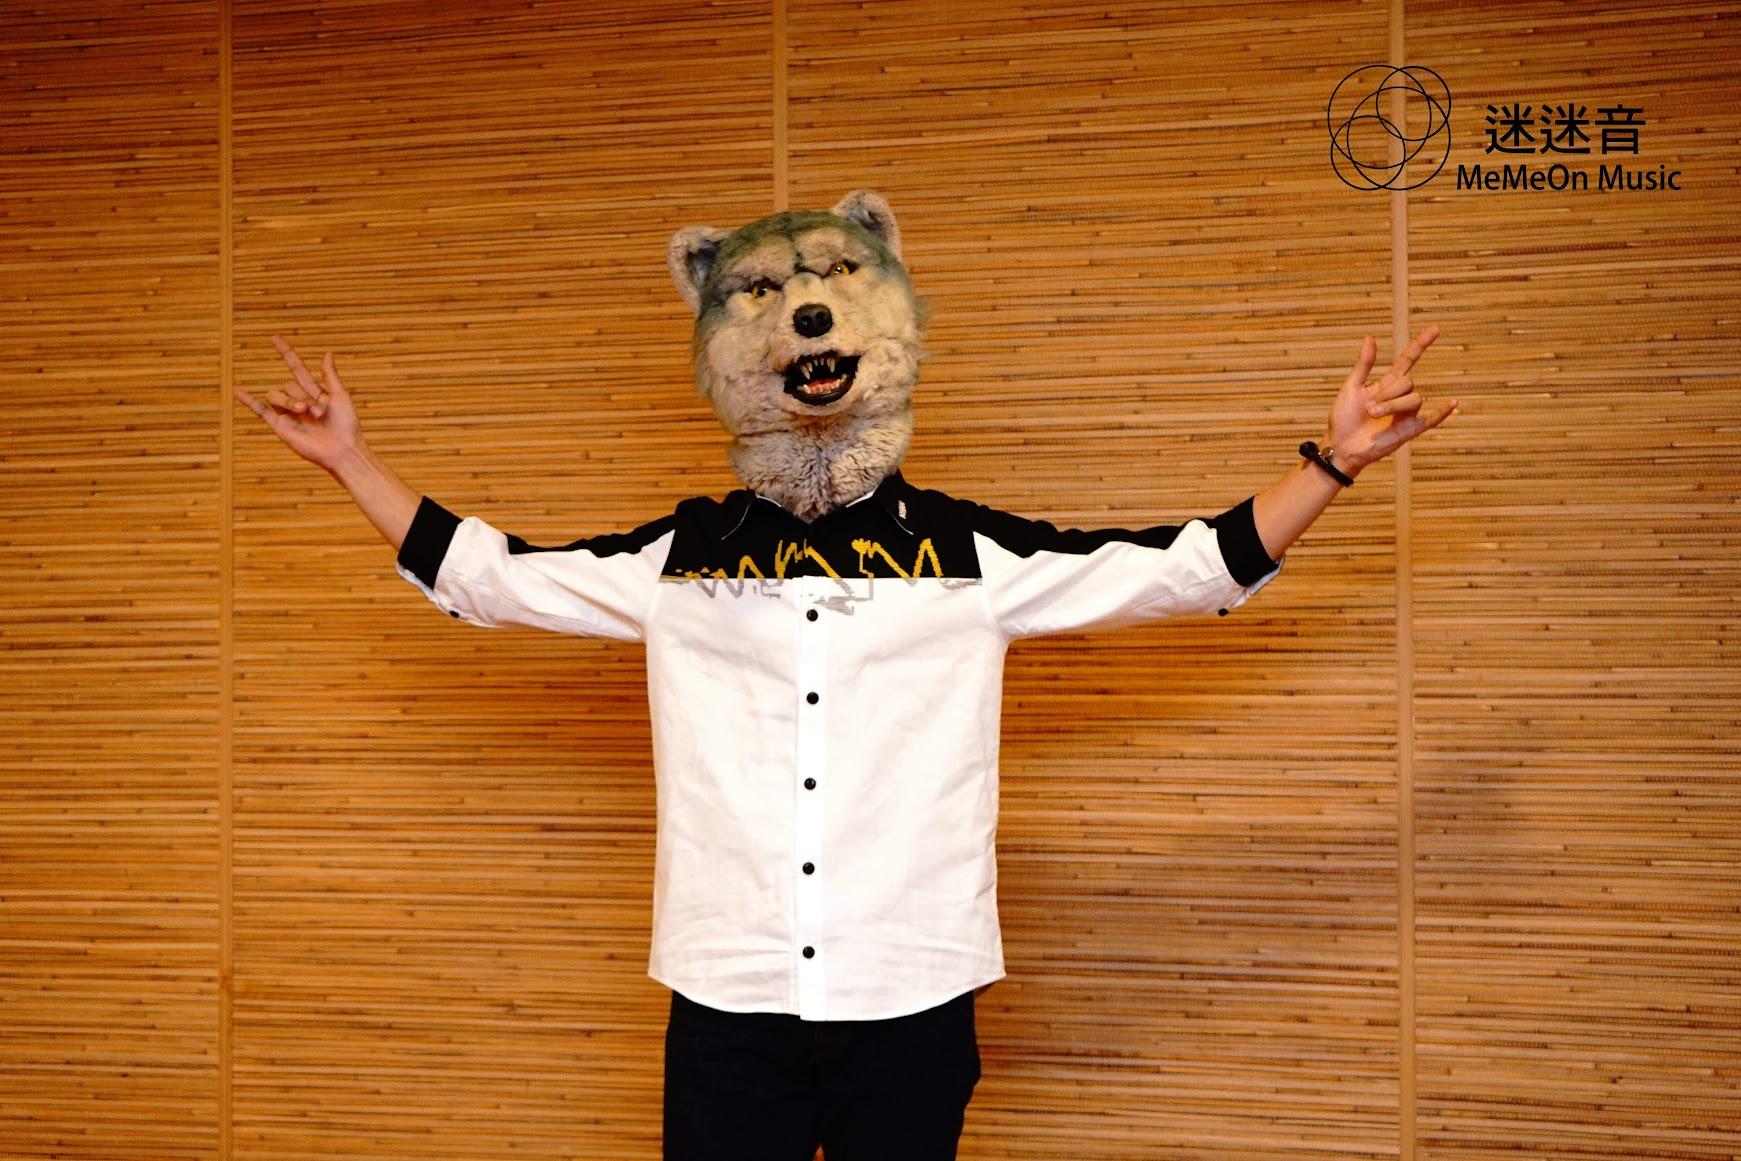 【迷迷訪問】(圖多) 狼人樂團 MAN WITH A MISSION  帶給樂迷有趣而特別的體驗是重要課題